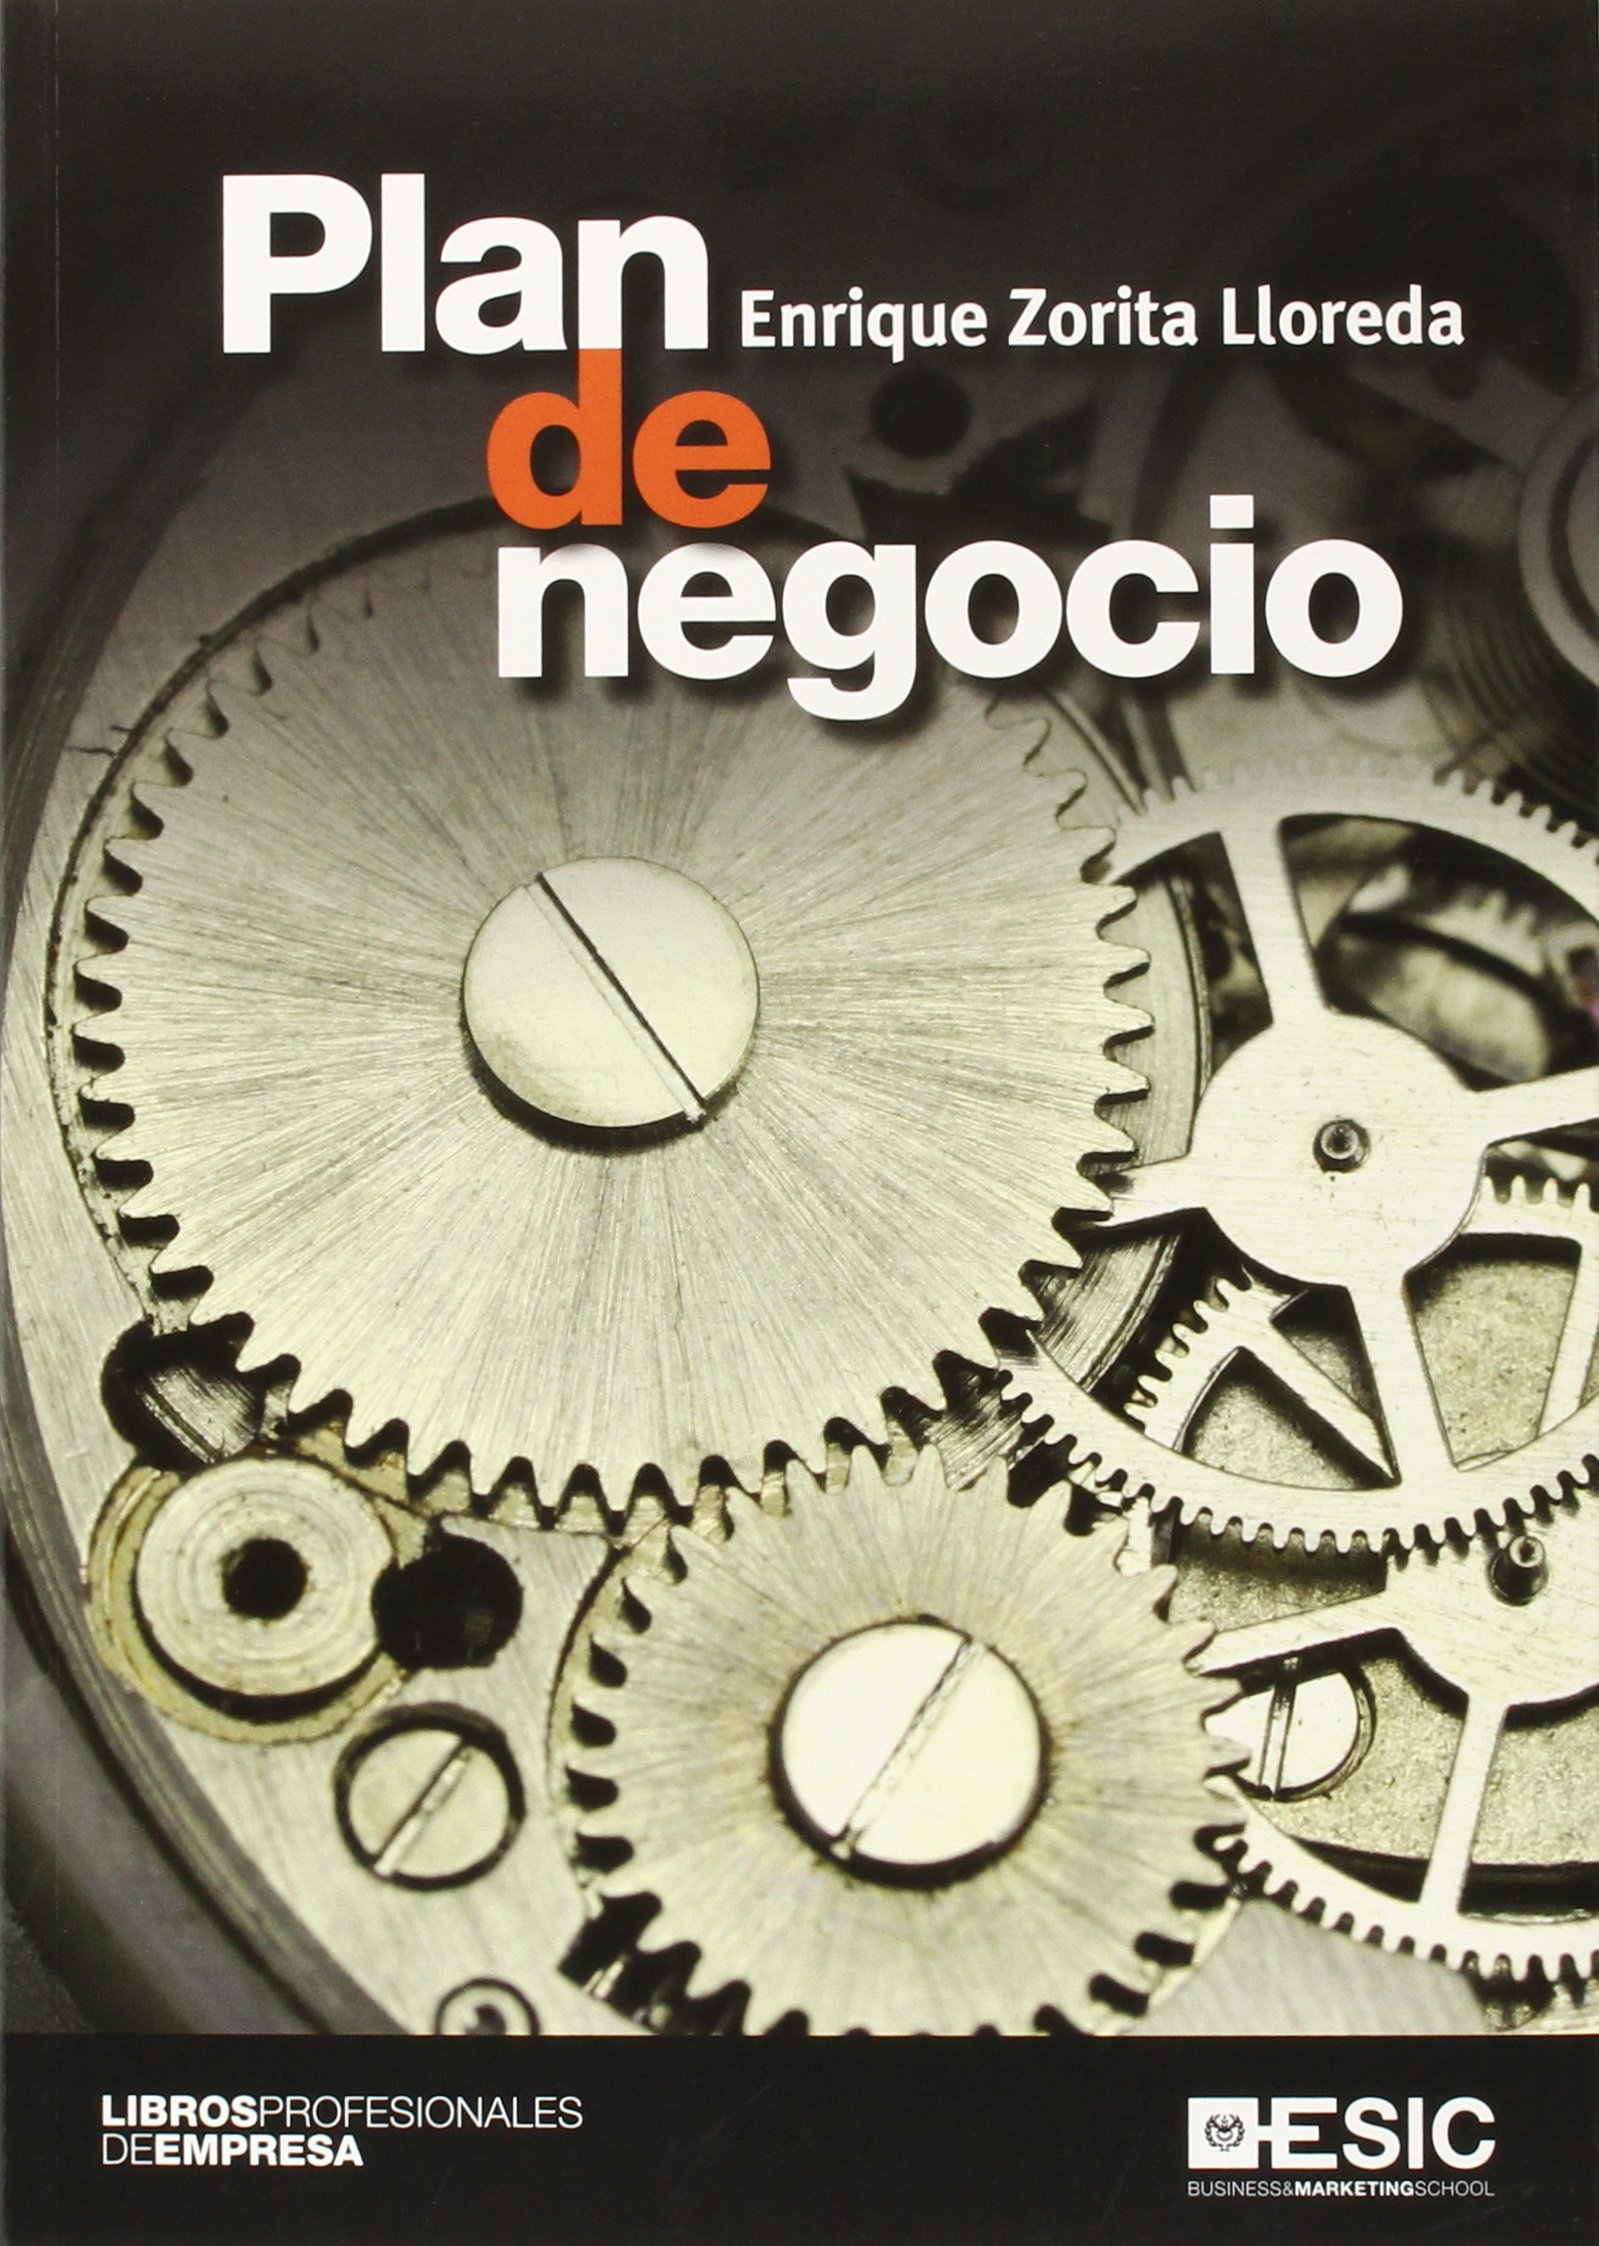 Plan de negocio (Libros profesionales): Amazon.es: Enrique Zorita Lloreda:  Libros